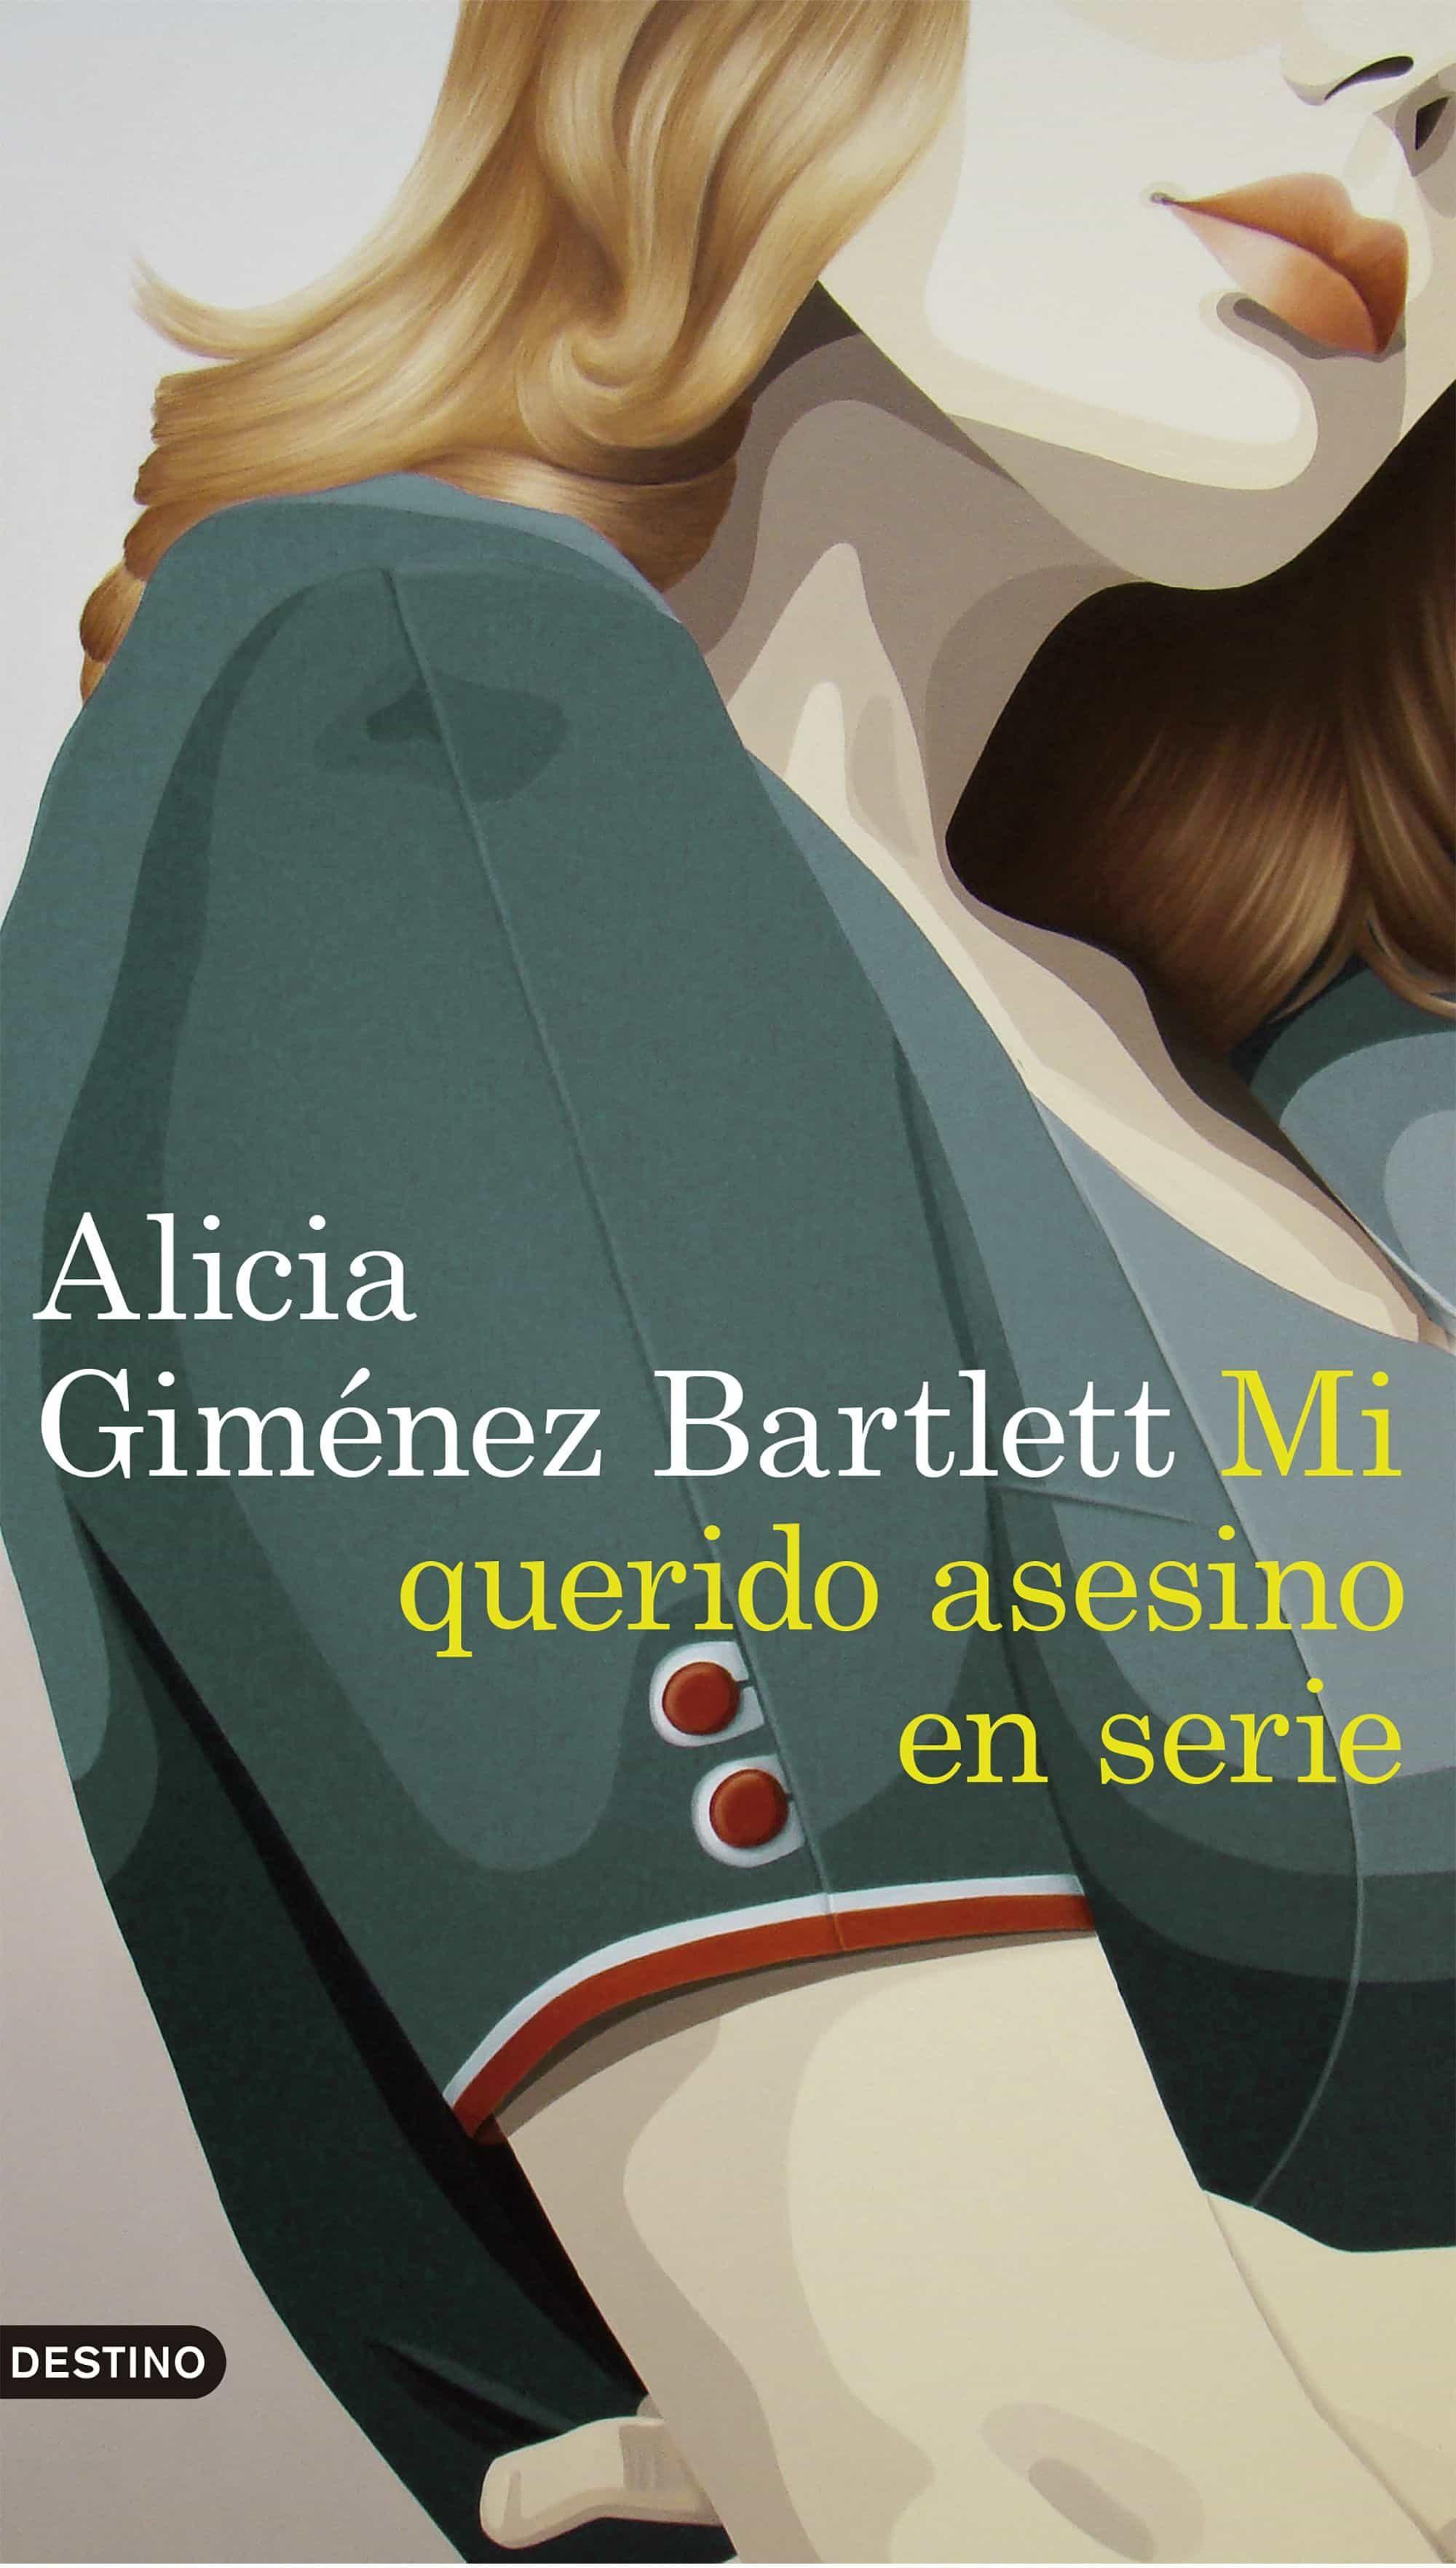 Mi querido asesino en serie - Alicia Giménez Bartlett 9788423352869